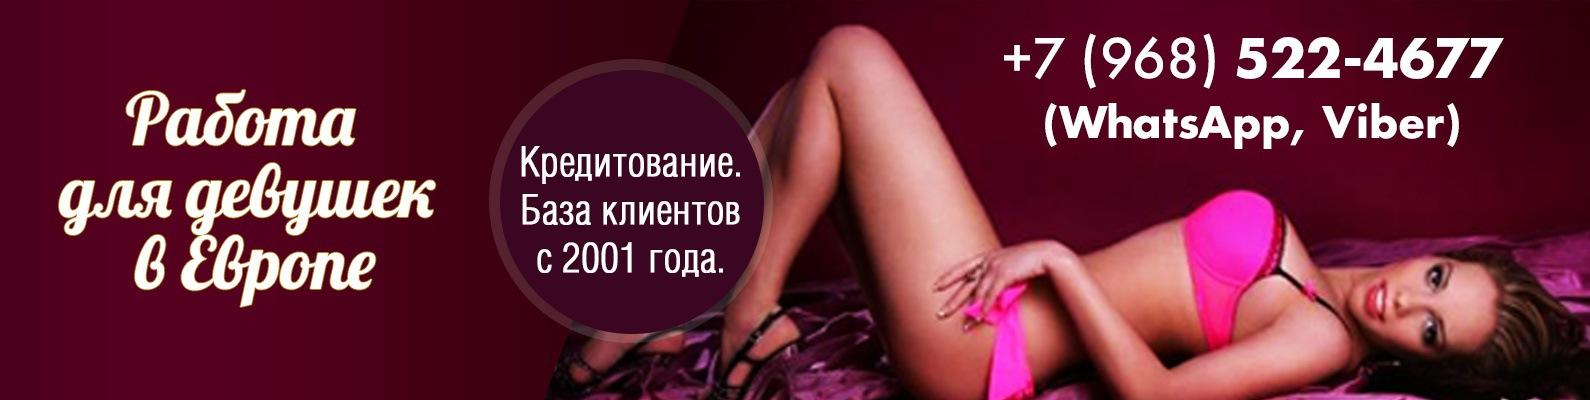 Большинство симпатичных девушек мечтает переехать в столицу и заполучить высокооплачиваемую работу для девушек санкт-петербурга с проживанием в комфортной квартире от работодателя.